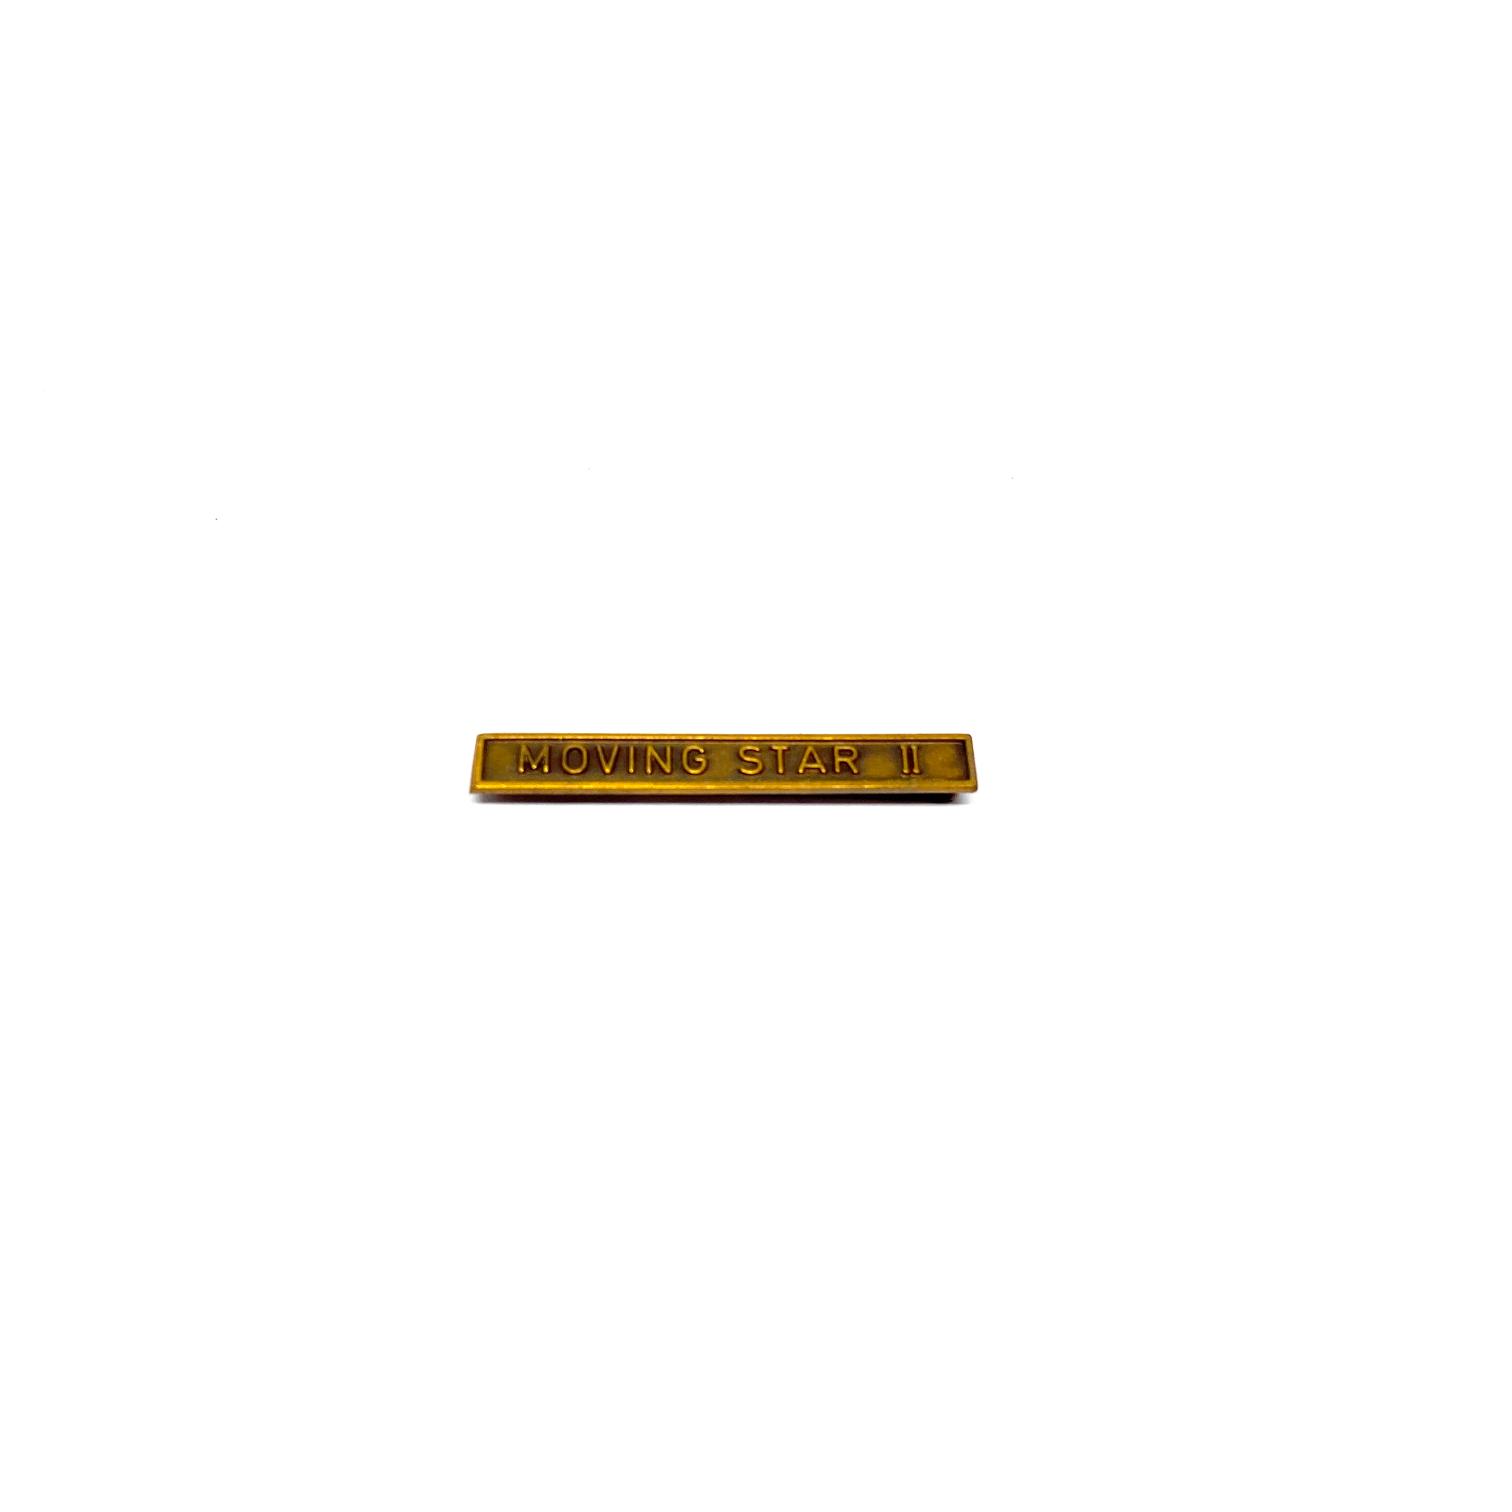 Barrette Moving Star II pour décorations militaires